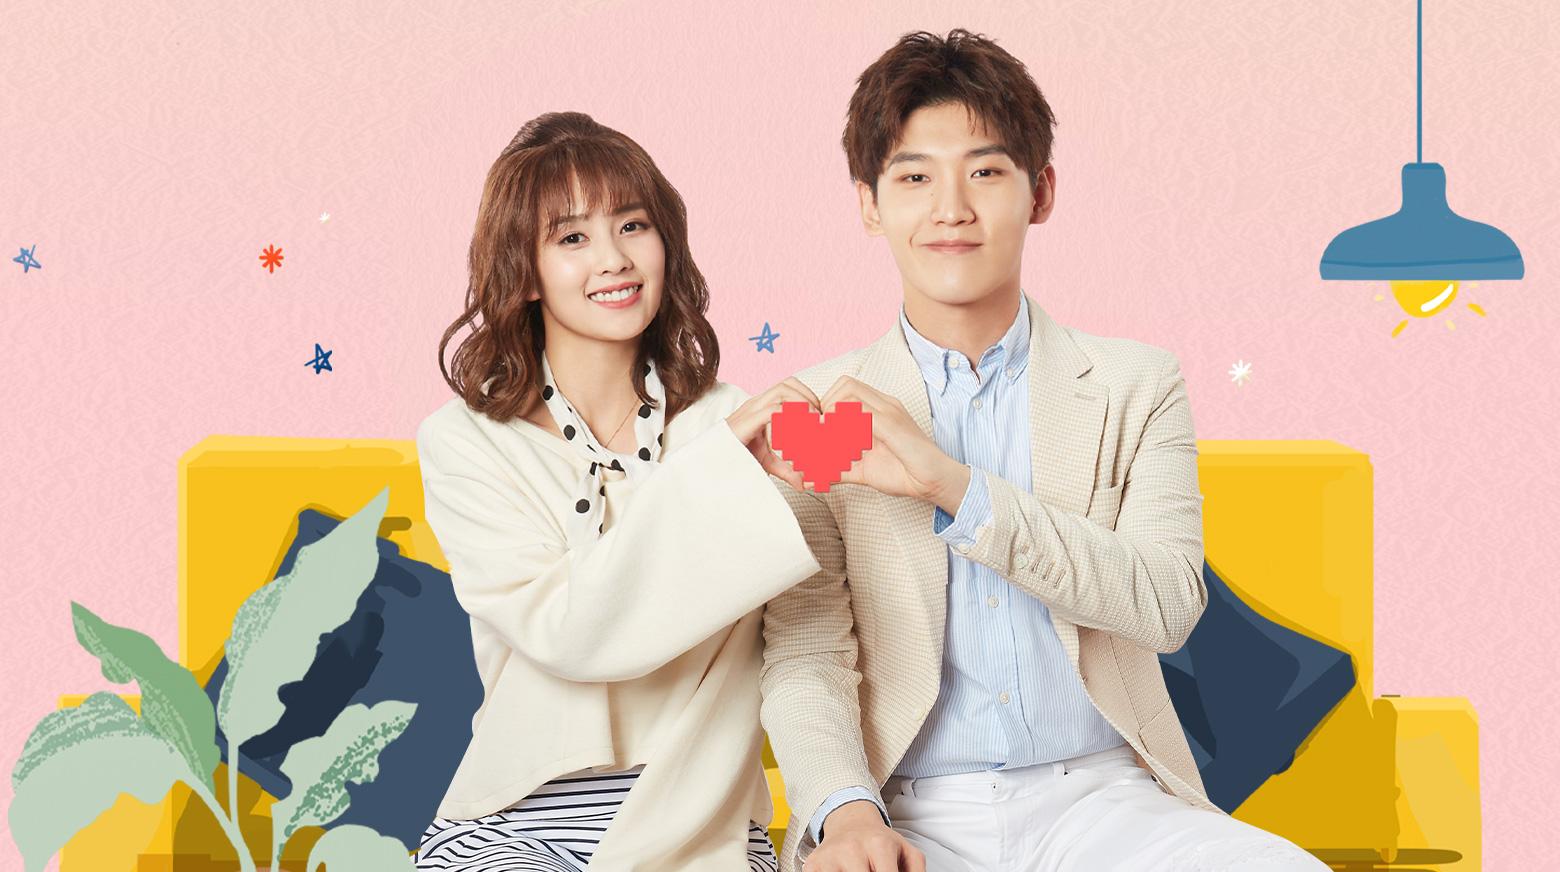 El Mundo Me Debe Un Primer Amor Rakuten Viki Love is sweet episode 36 end 1 bulan ago. el mundo me debe un primer amor